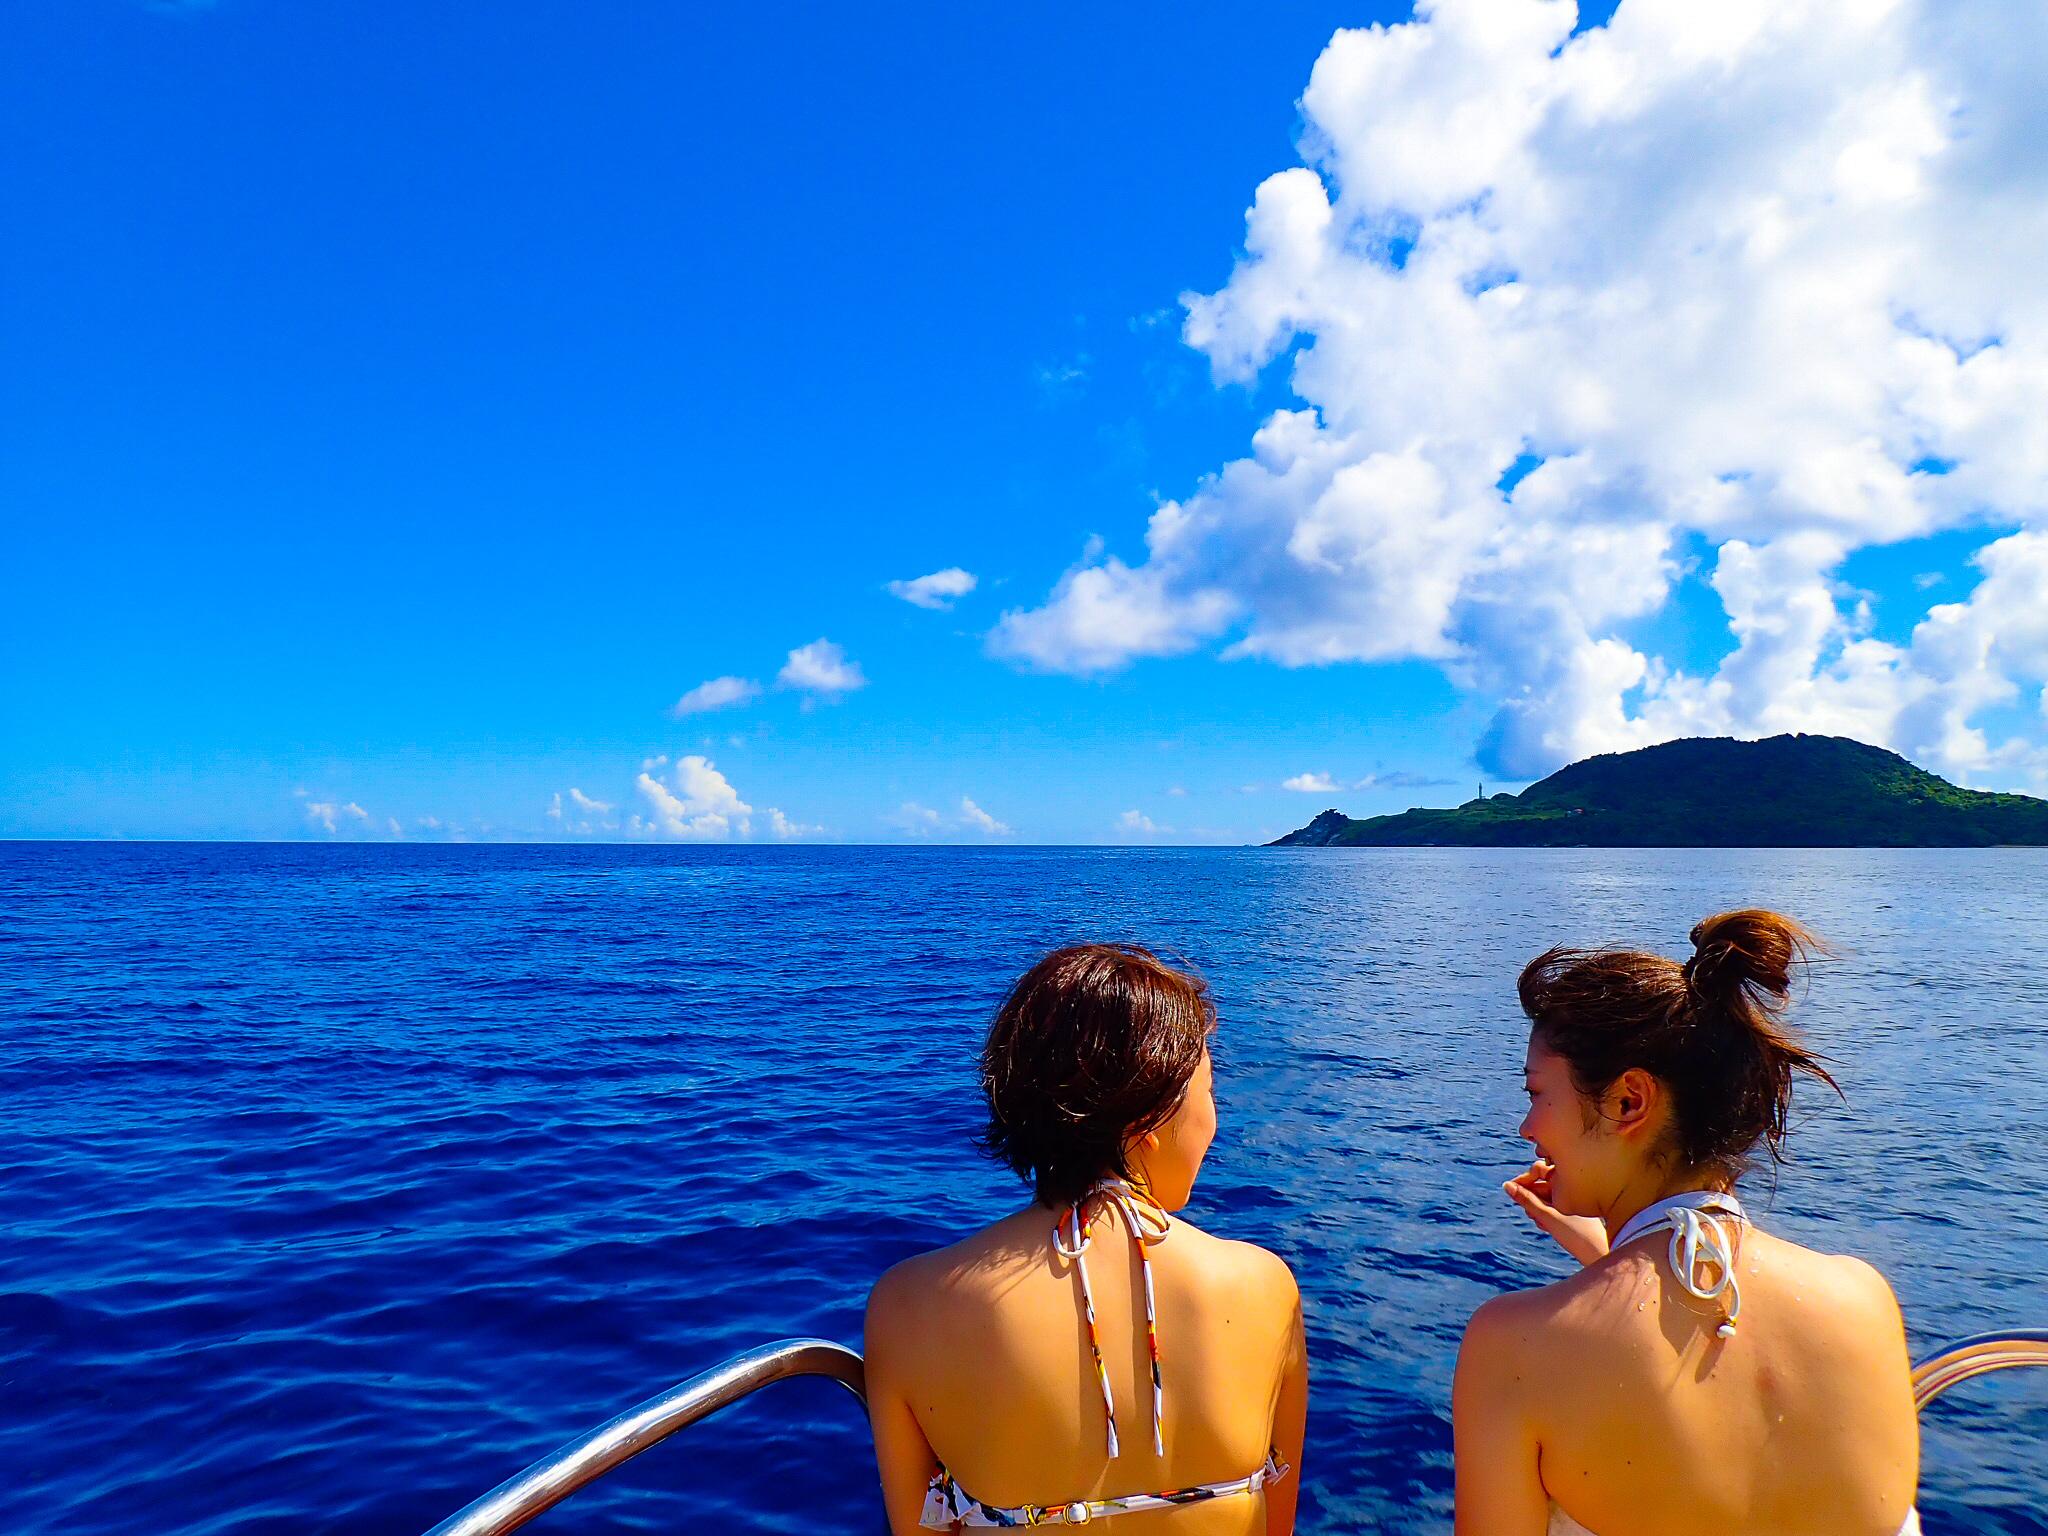 女子旅旅行でフェリーで幻の島浜島へ向かう